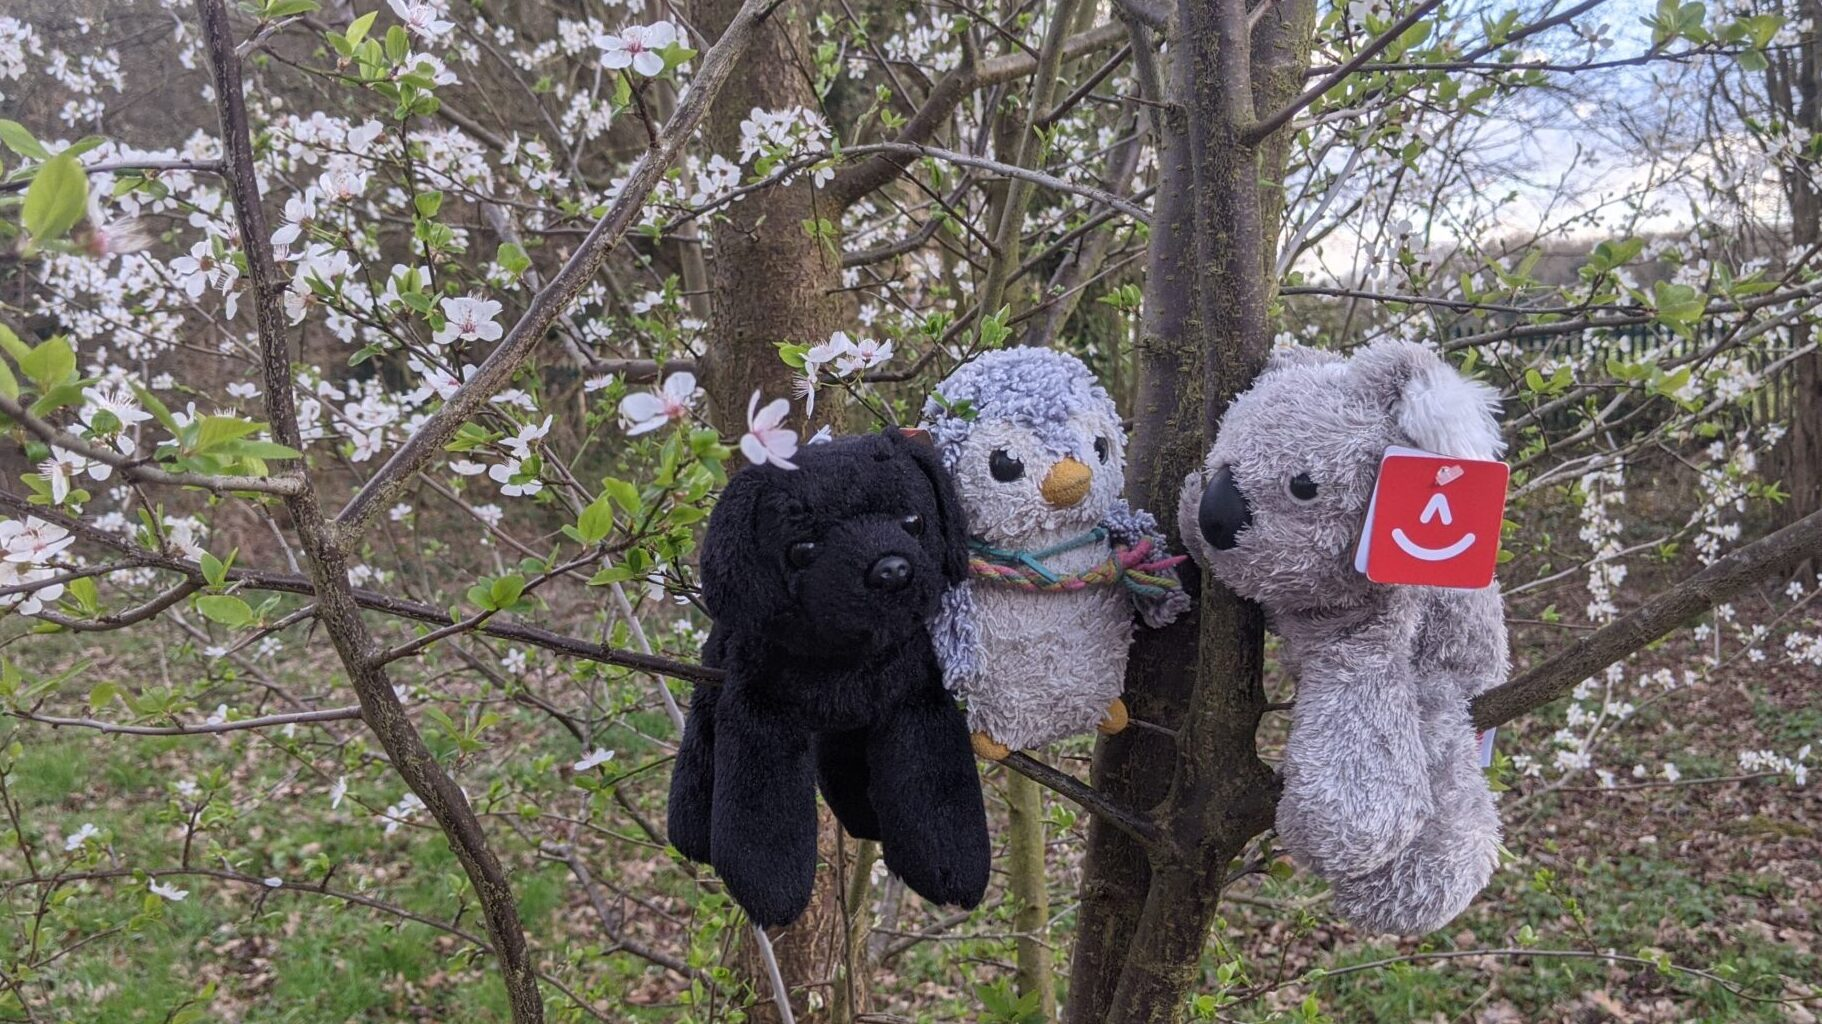 Socks, Arnold and Koa in a tree